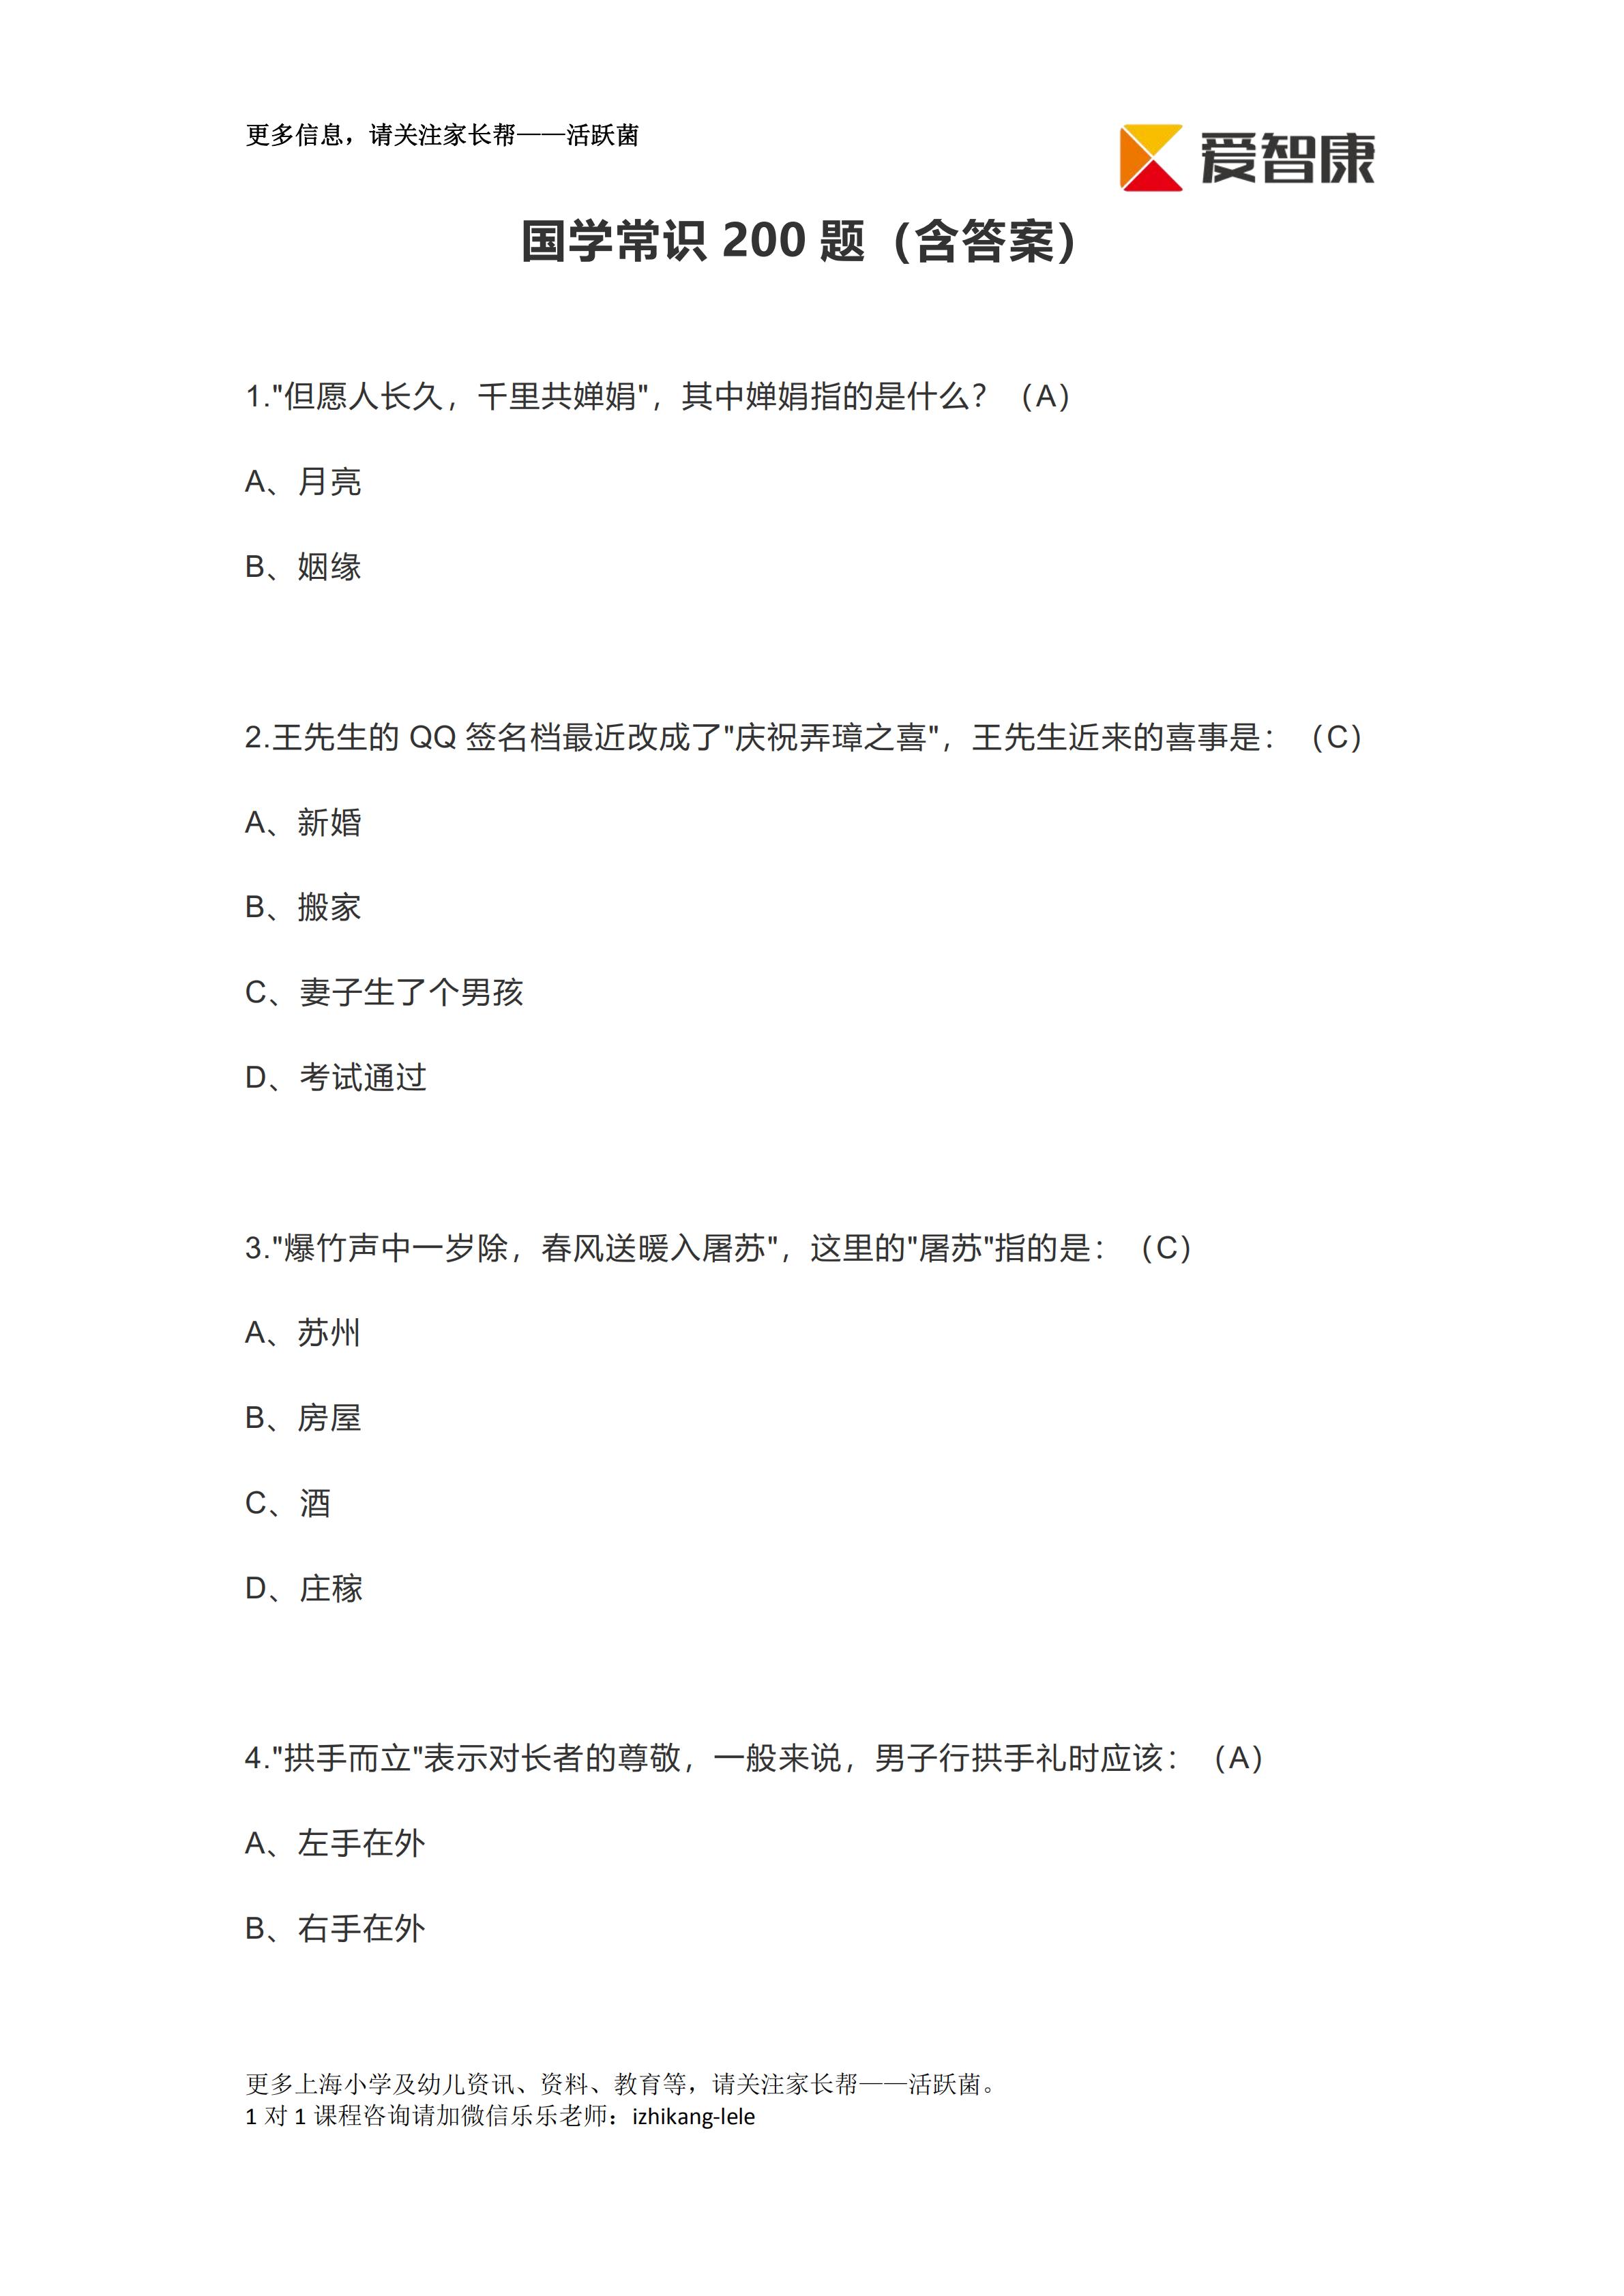 国学常识200题(含答案)_00.png